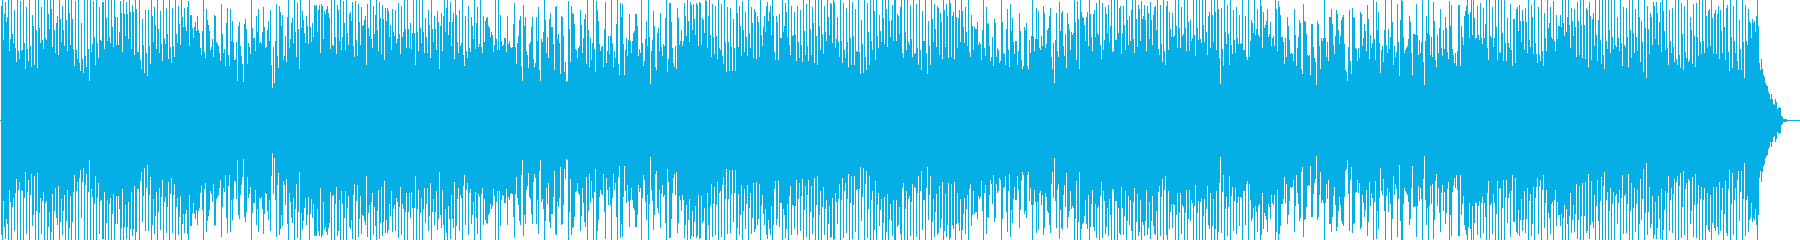 明るくて爽やか シンプルなテクノポップの再生済みの波形